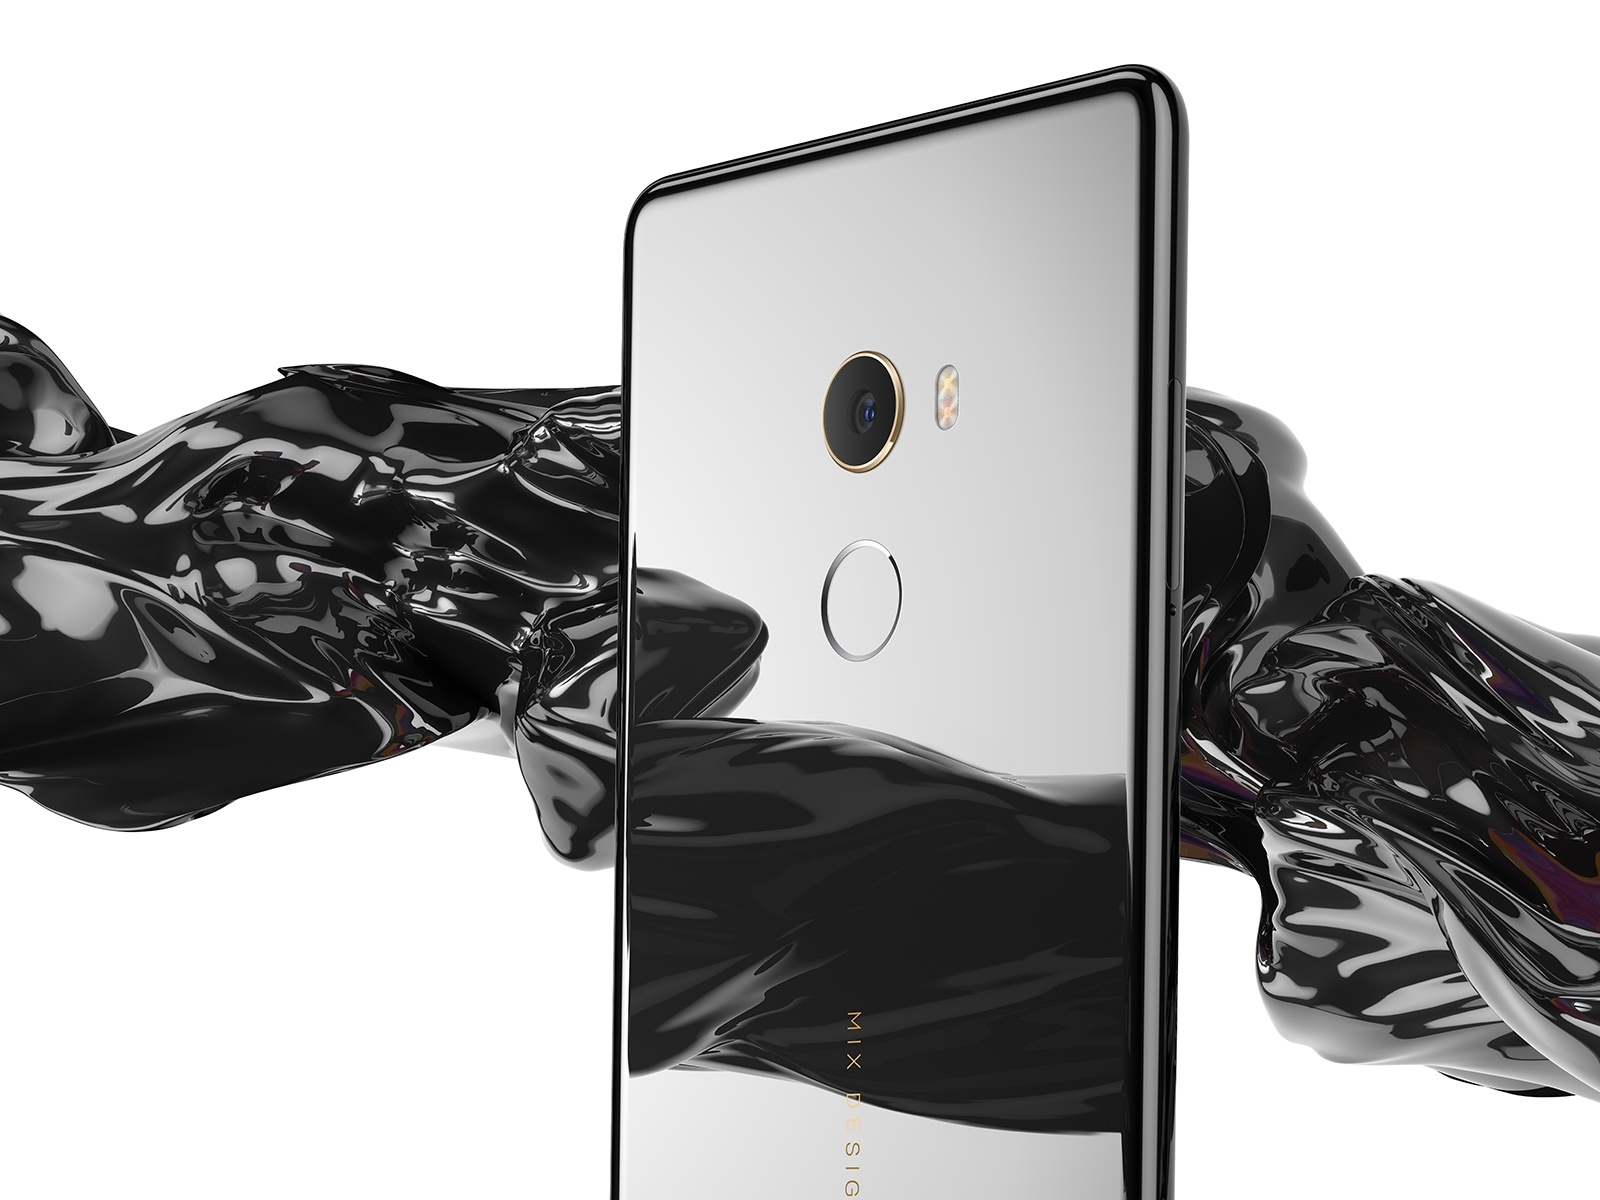 Дождались: Mi Mix 2, «чистый Android» и другие приятности от Xiaomi - 6